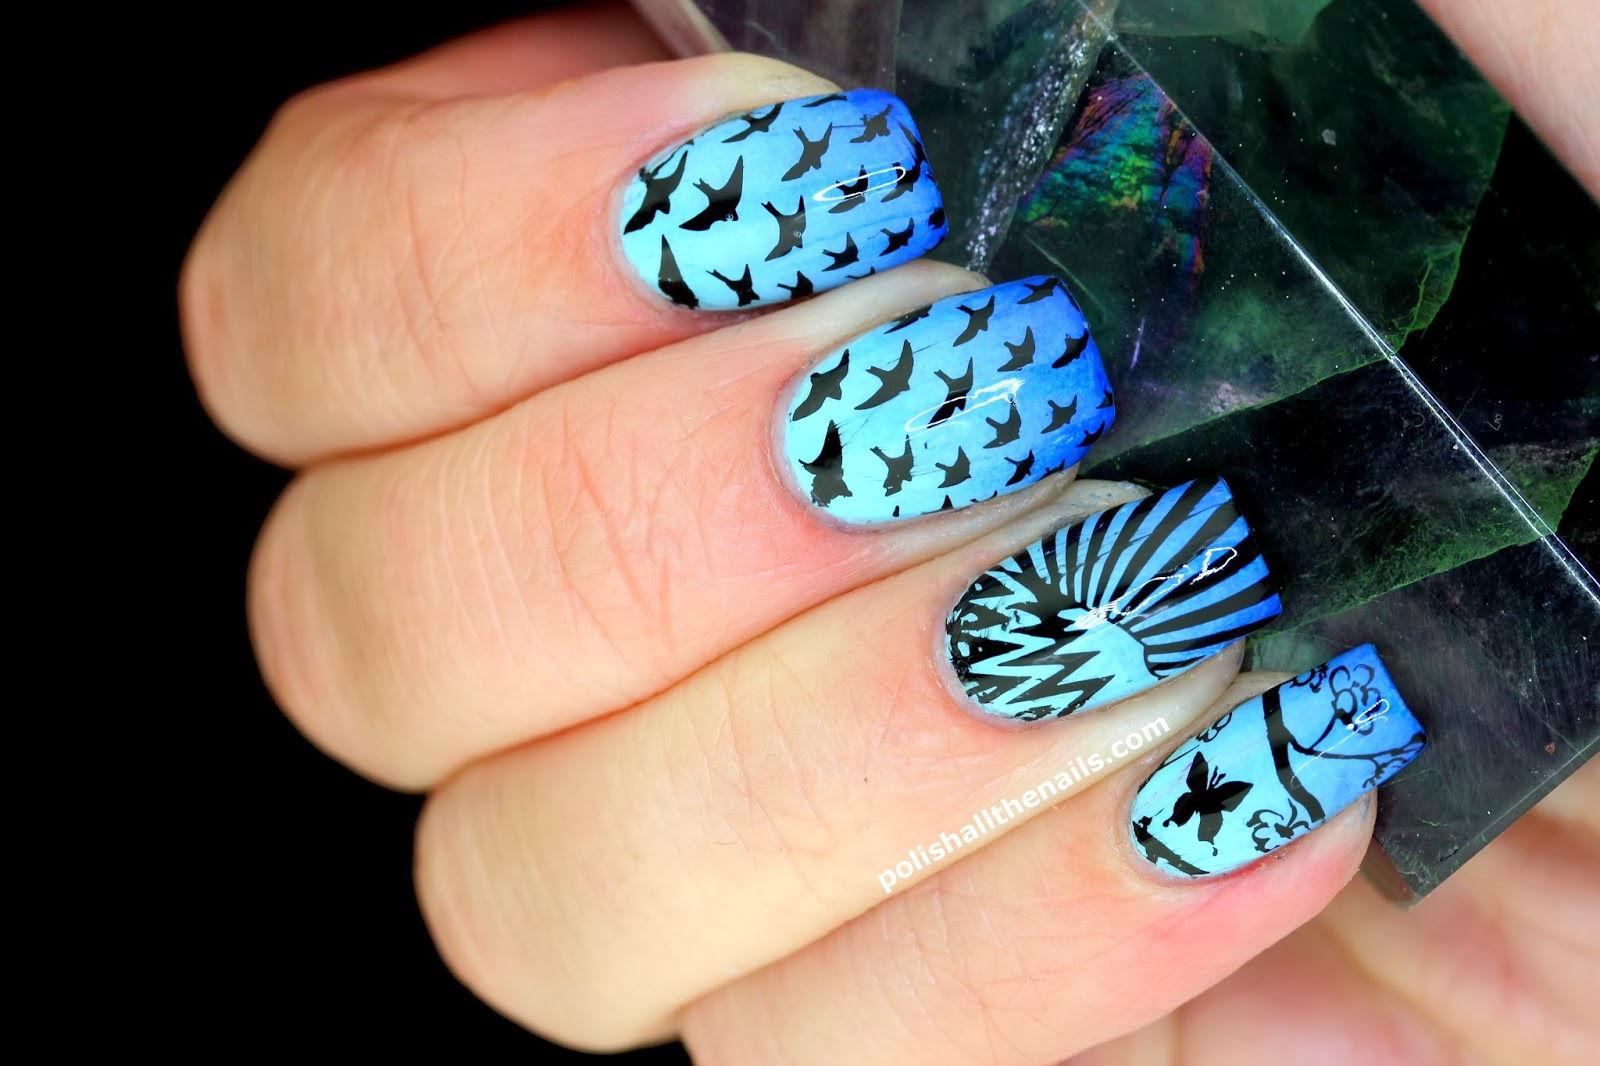 Модный маникюр и дизайн ногтей в стиле тумблер, фото идей